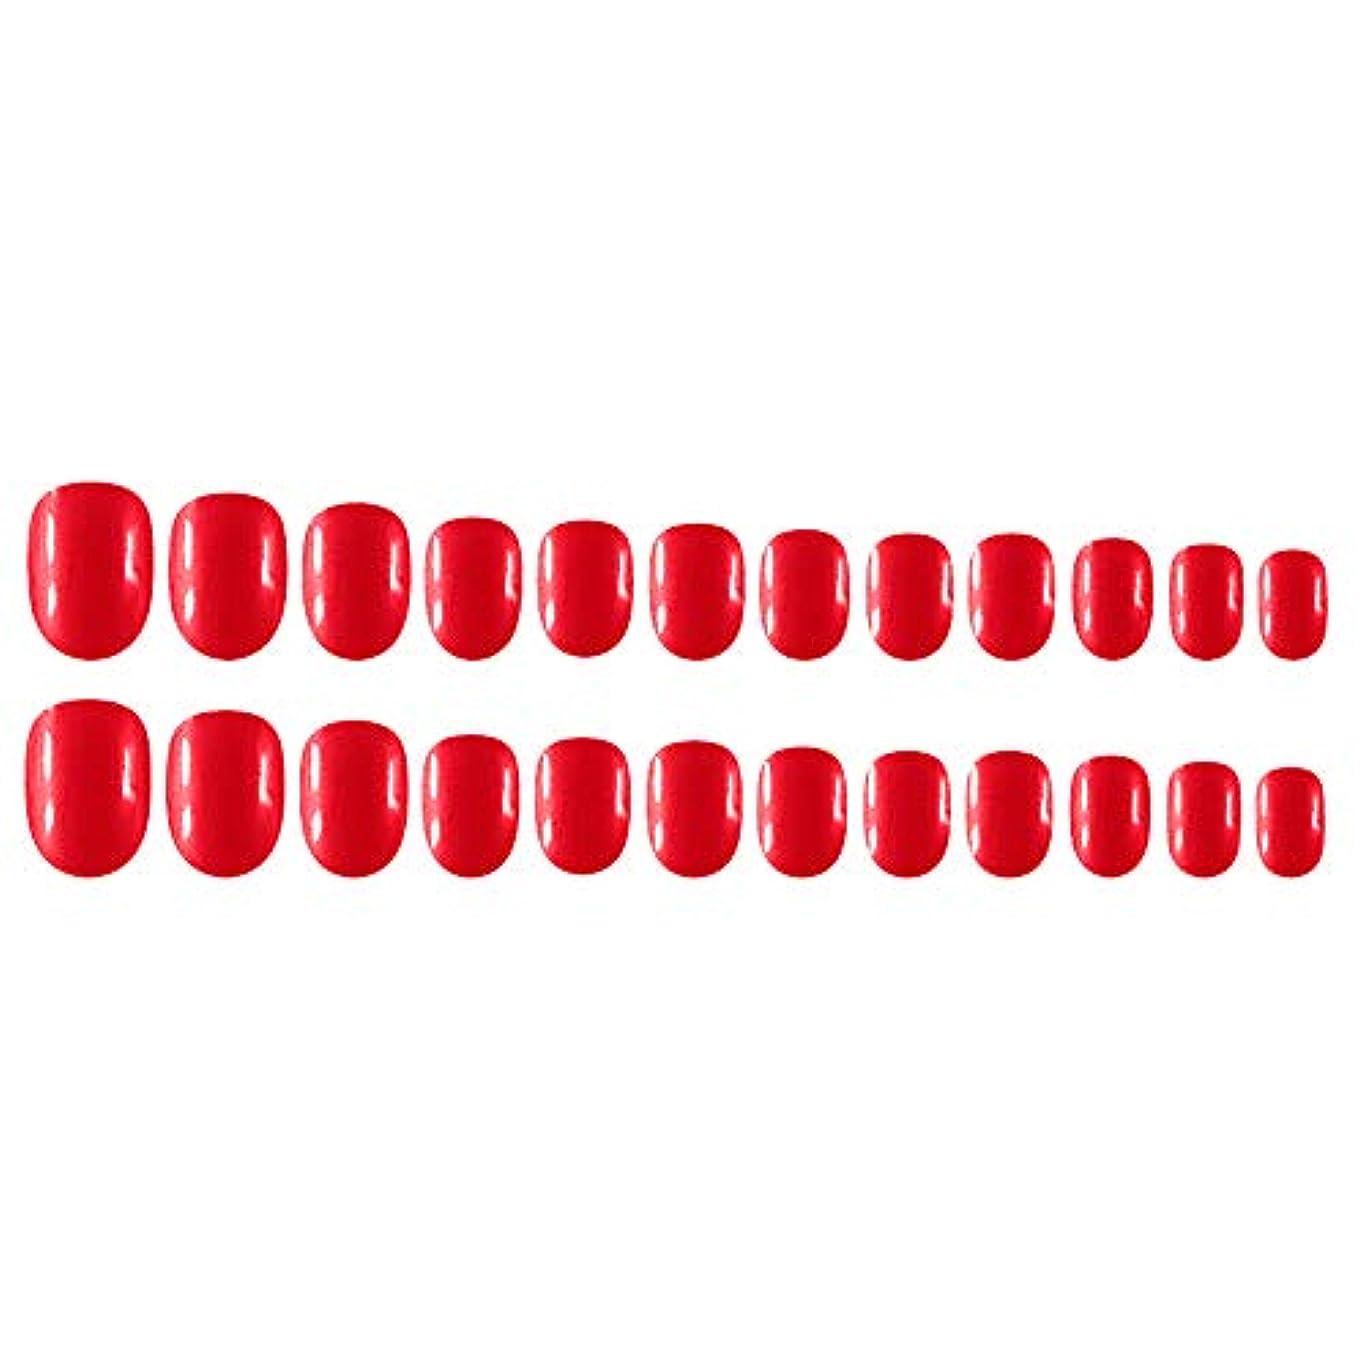 ノミネート反対したマダムDecdeal Decdeal ネイルチップ 24ピース 12異なるサイズ diy サロン ネイルアートツール 偽